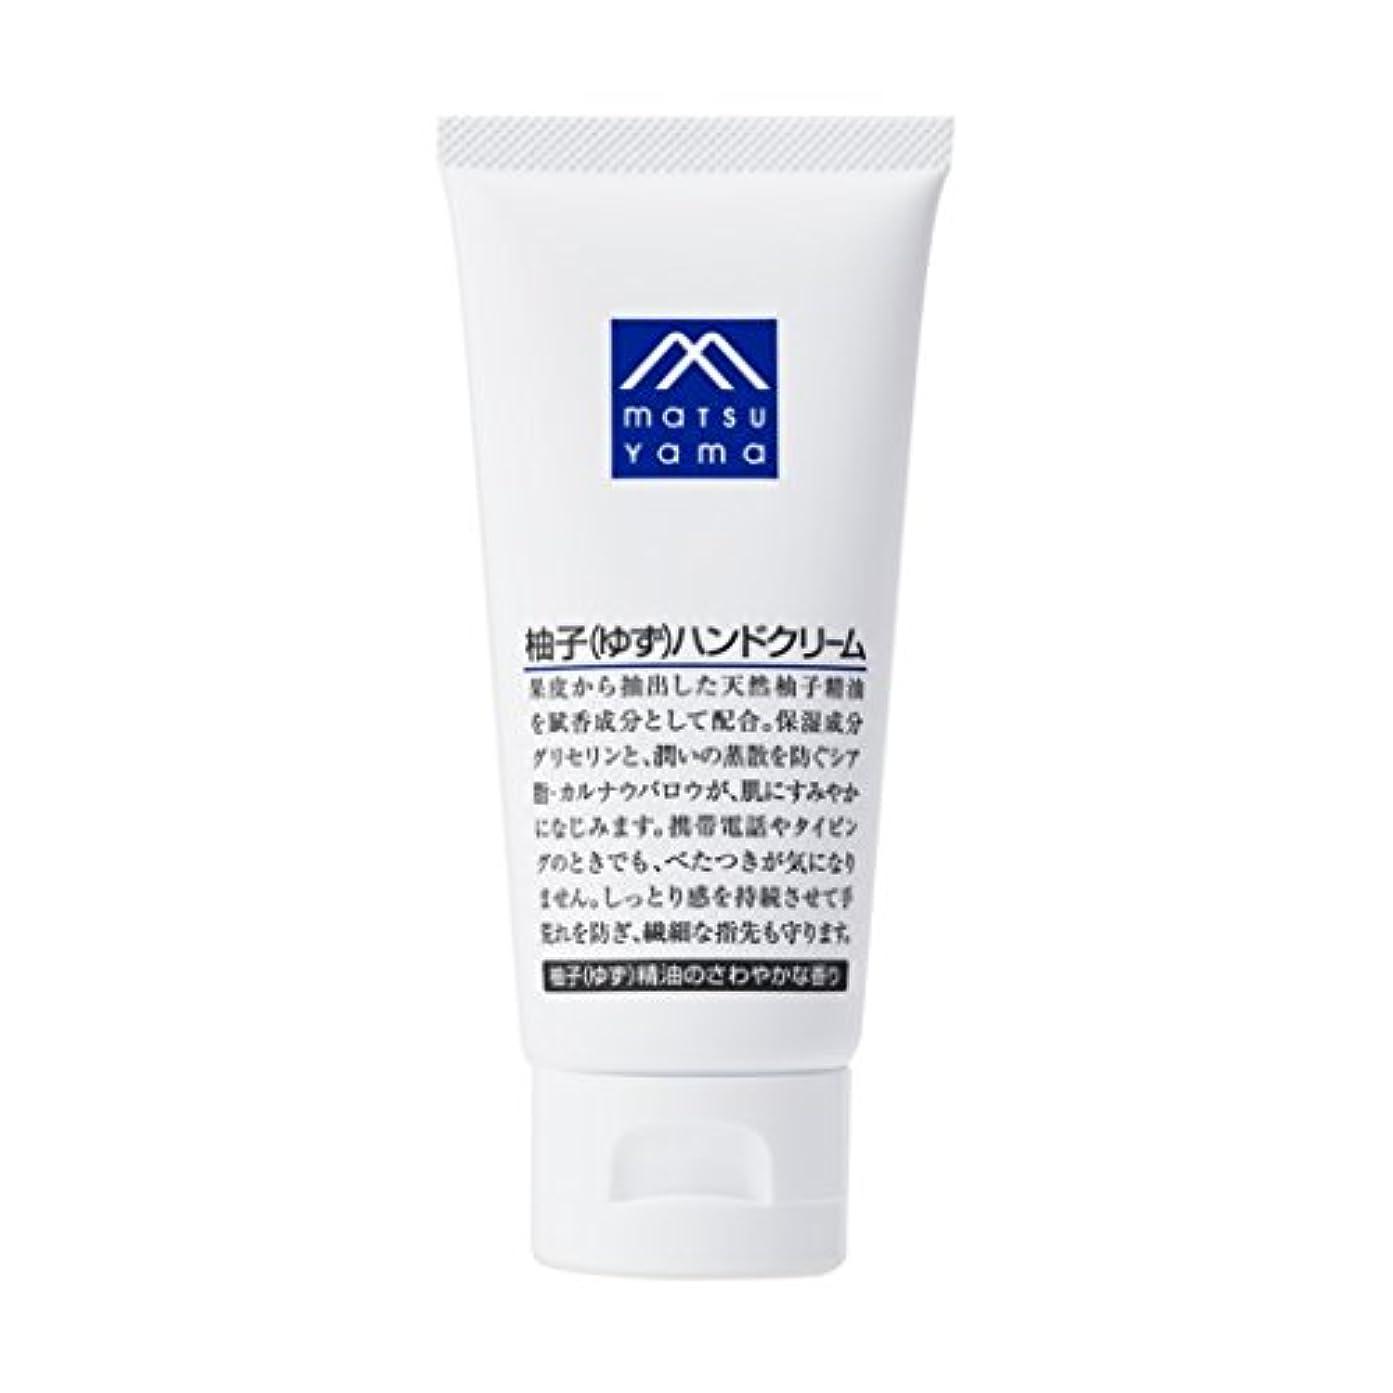 遅らせるトリプルエッセンスM-mark 柚子(ゆず)ハンドクリーム